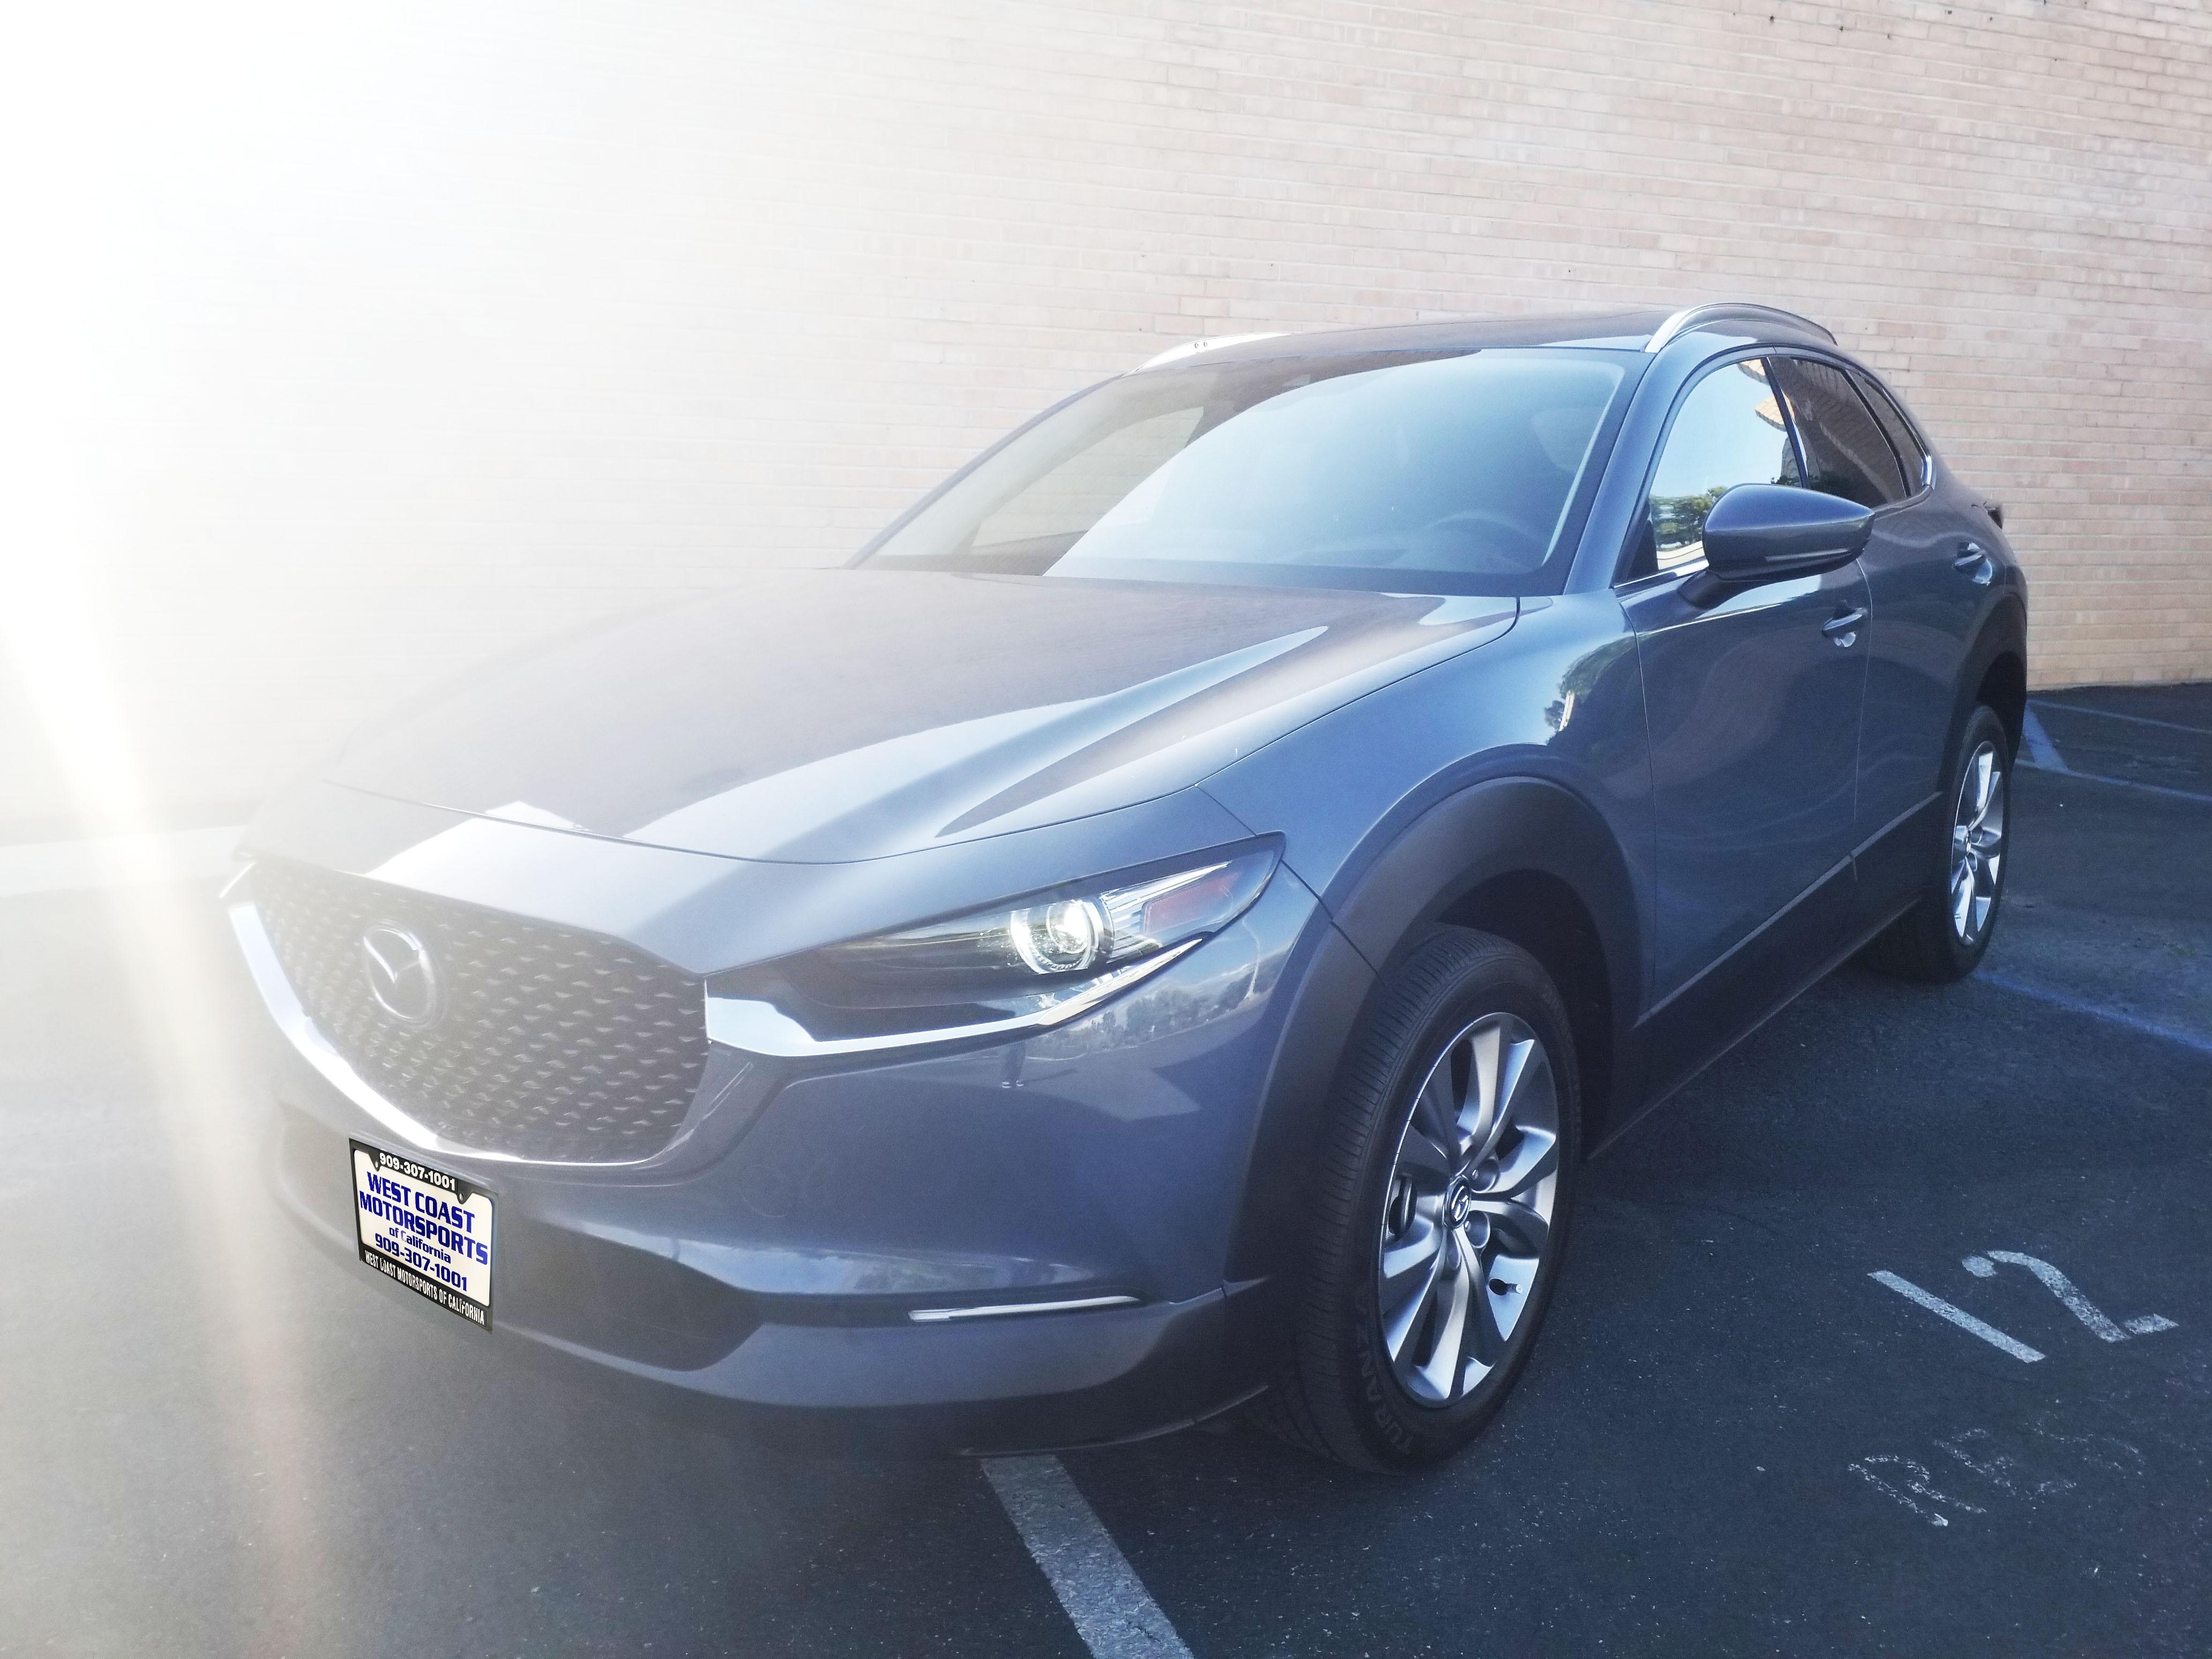 Used, 2020, Mazda, CX-30, Automobiles